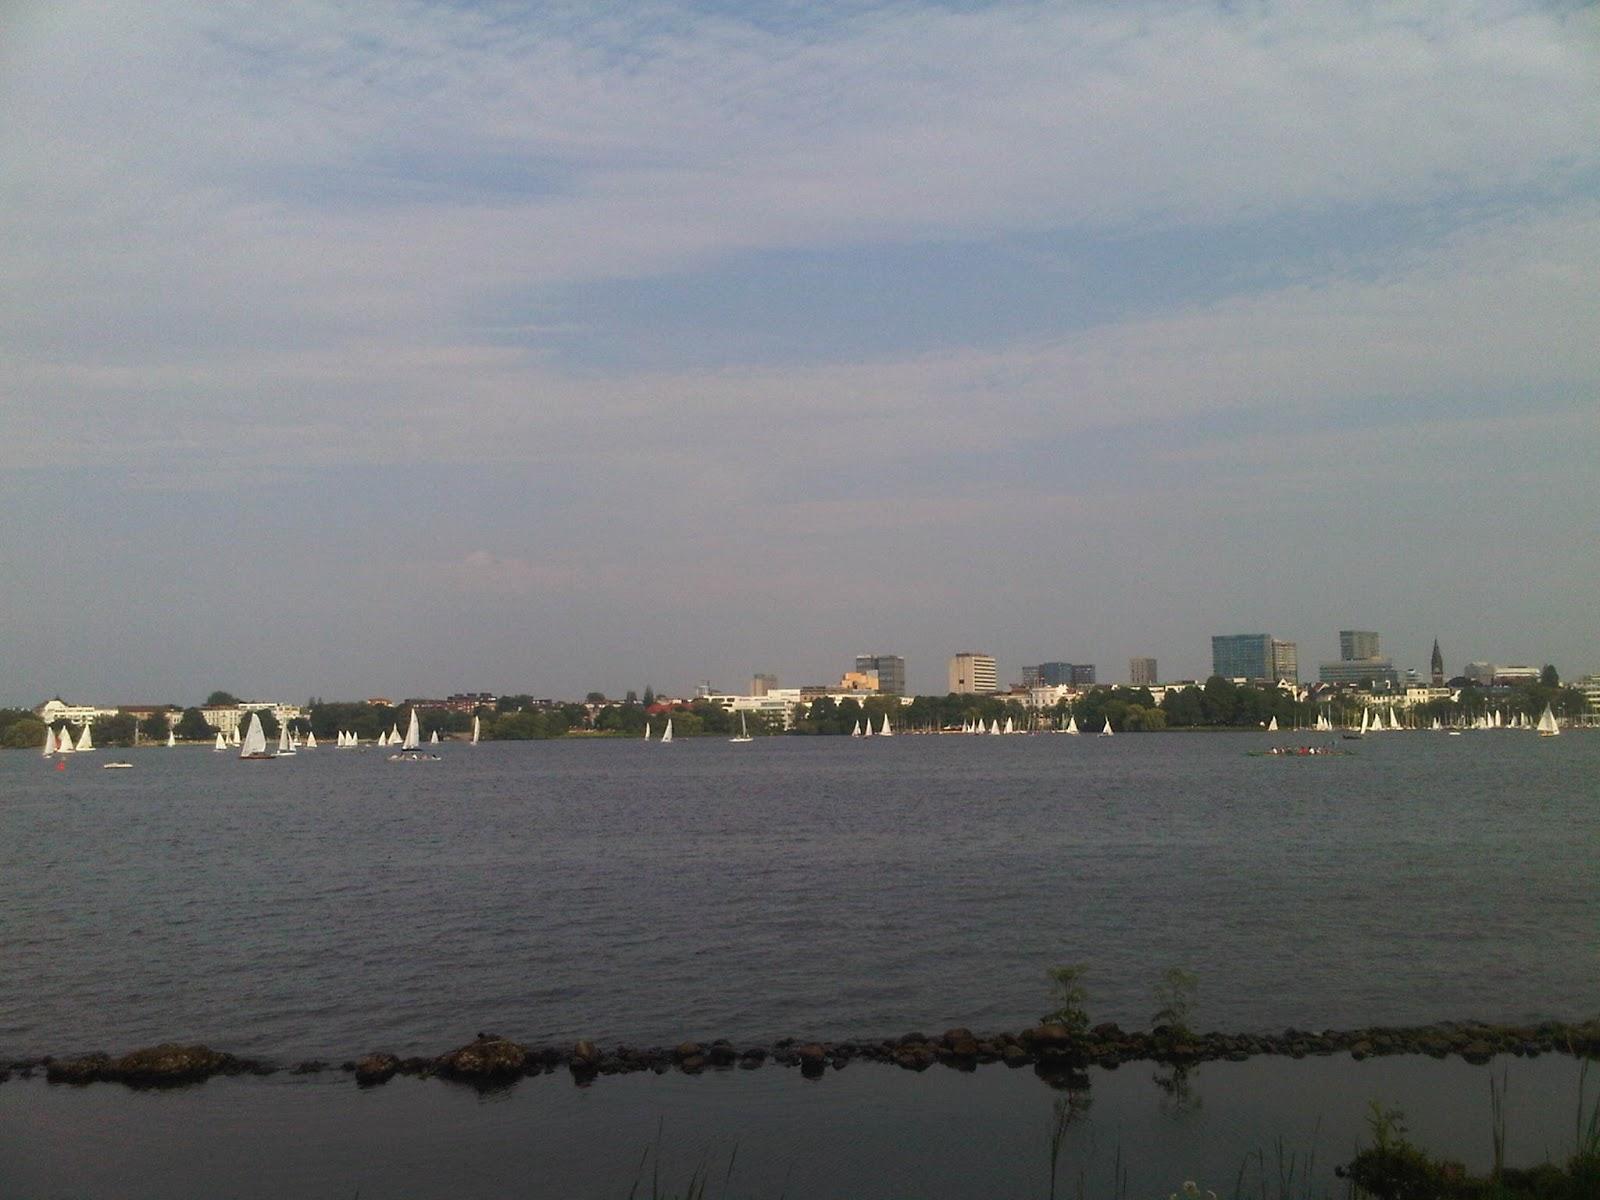 Außenalster mit Segelschiffen, Wasser, Himmel mit Wolken, Hochhäuser im Hintergrund.